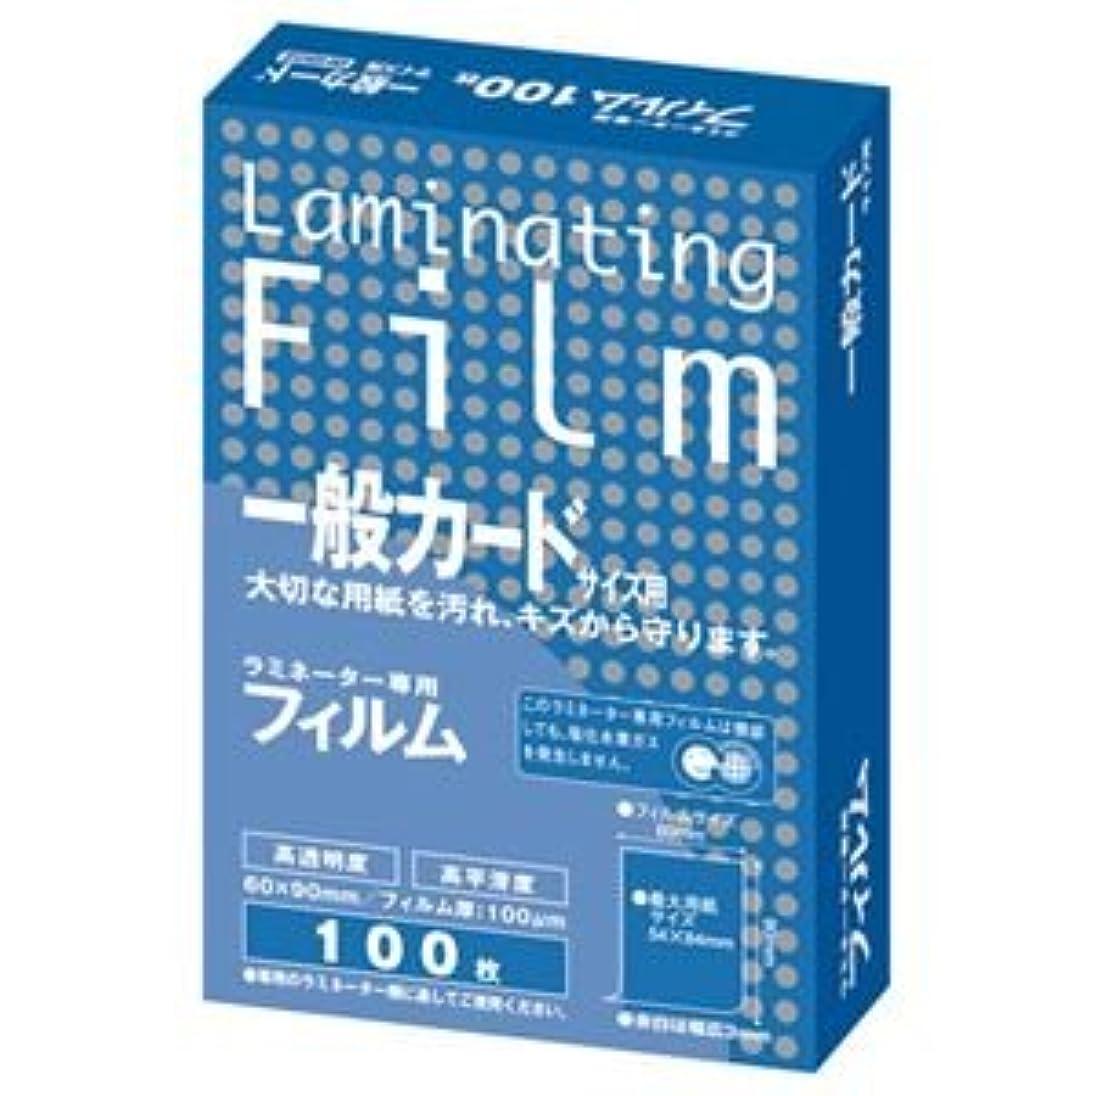 クリップサーキットに行く伝統アスカ ラミネーター専用フィルム 一般カードサイズ 100μ BH902 1パック (100枚) ×15セット